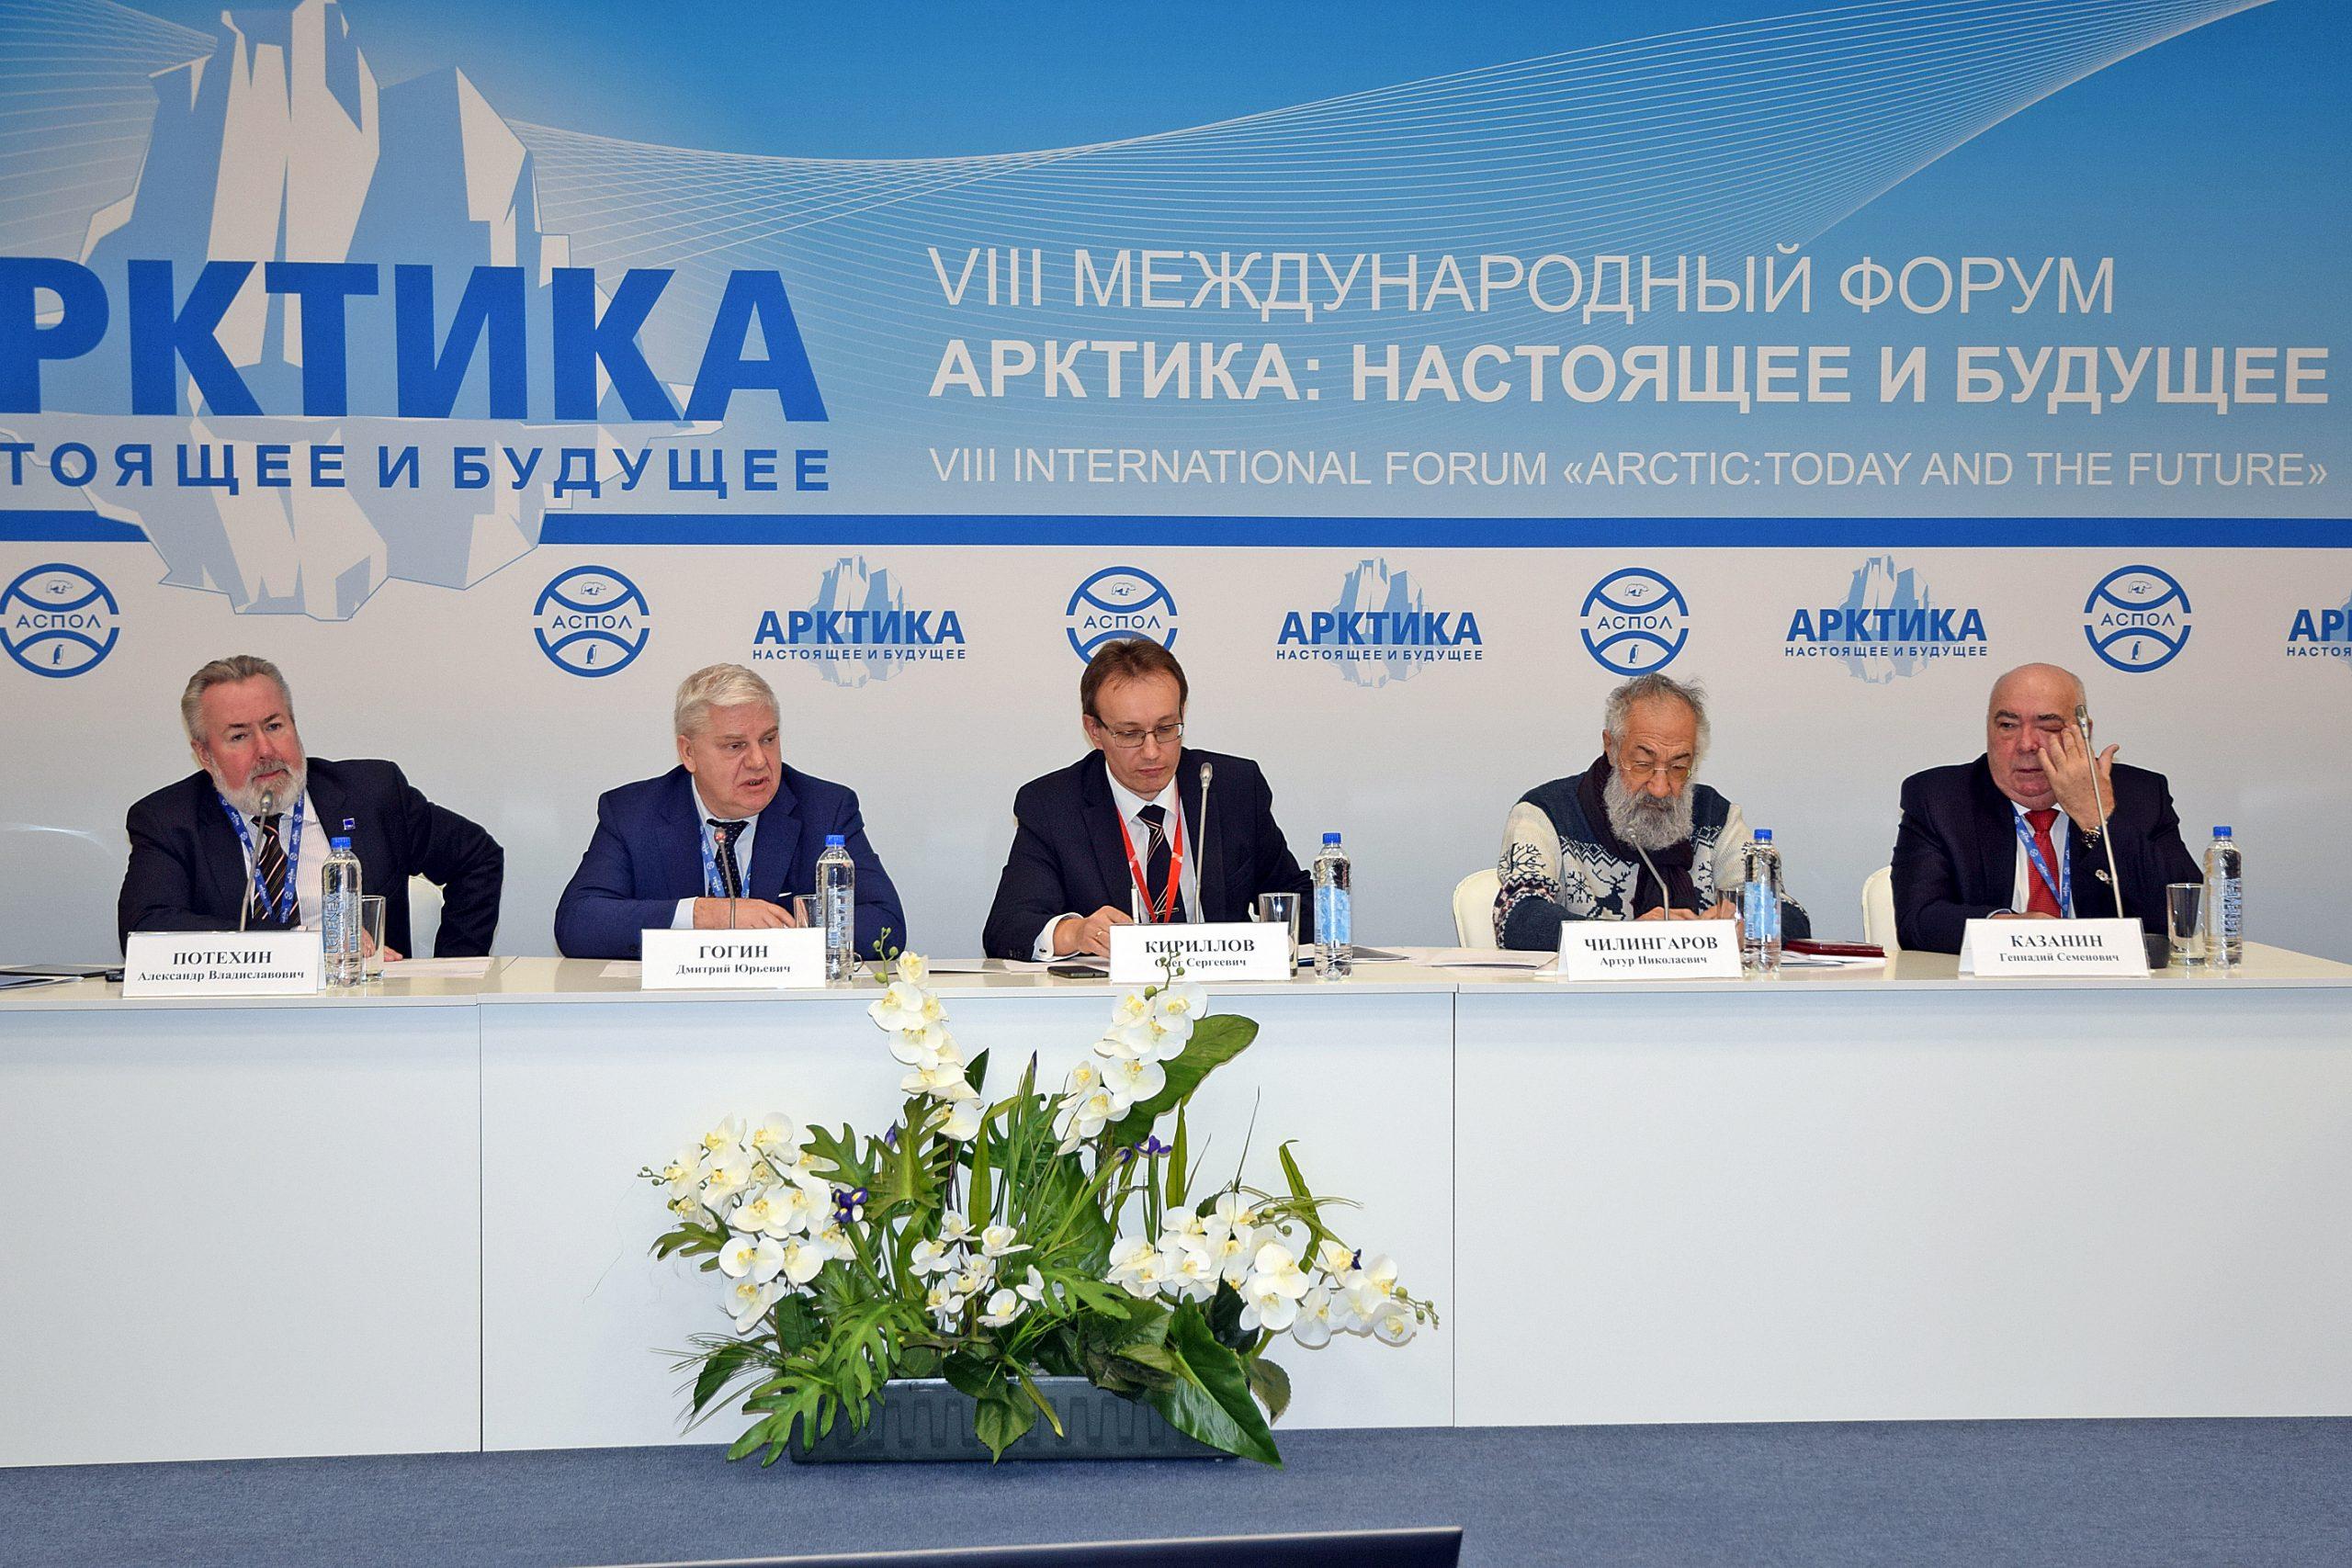 Участие в VIII Международном форуме «Арктика: настоящее и будущее»